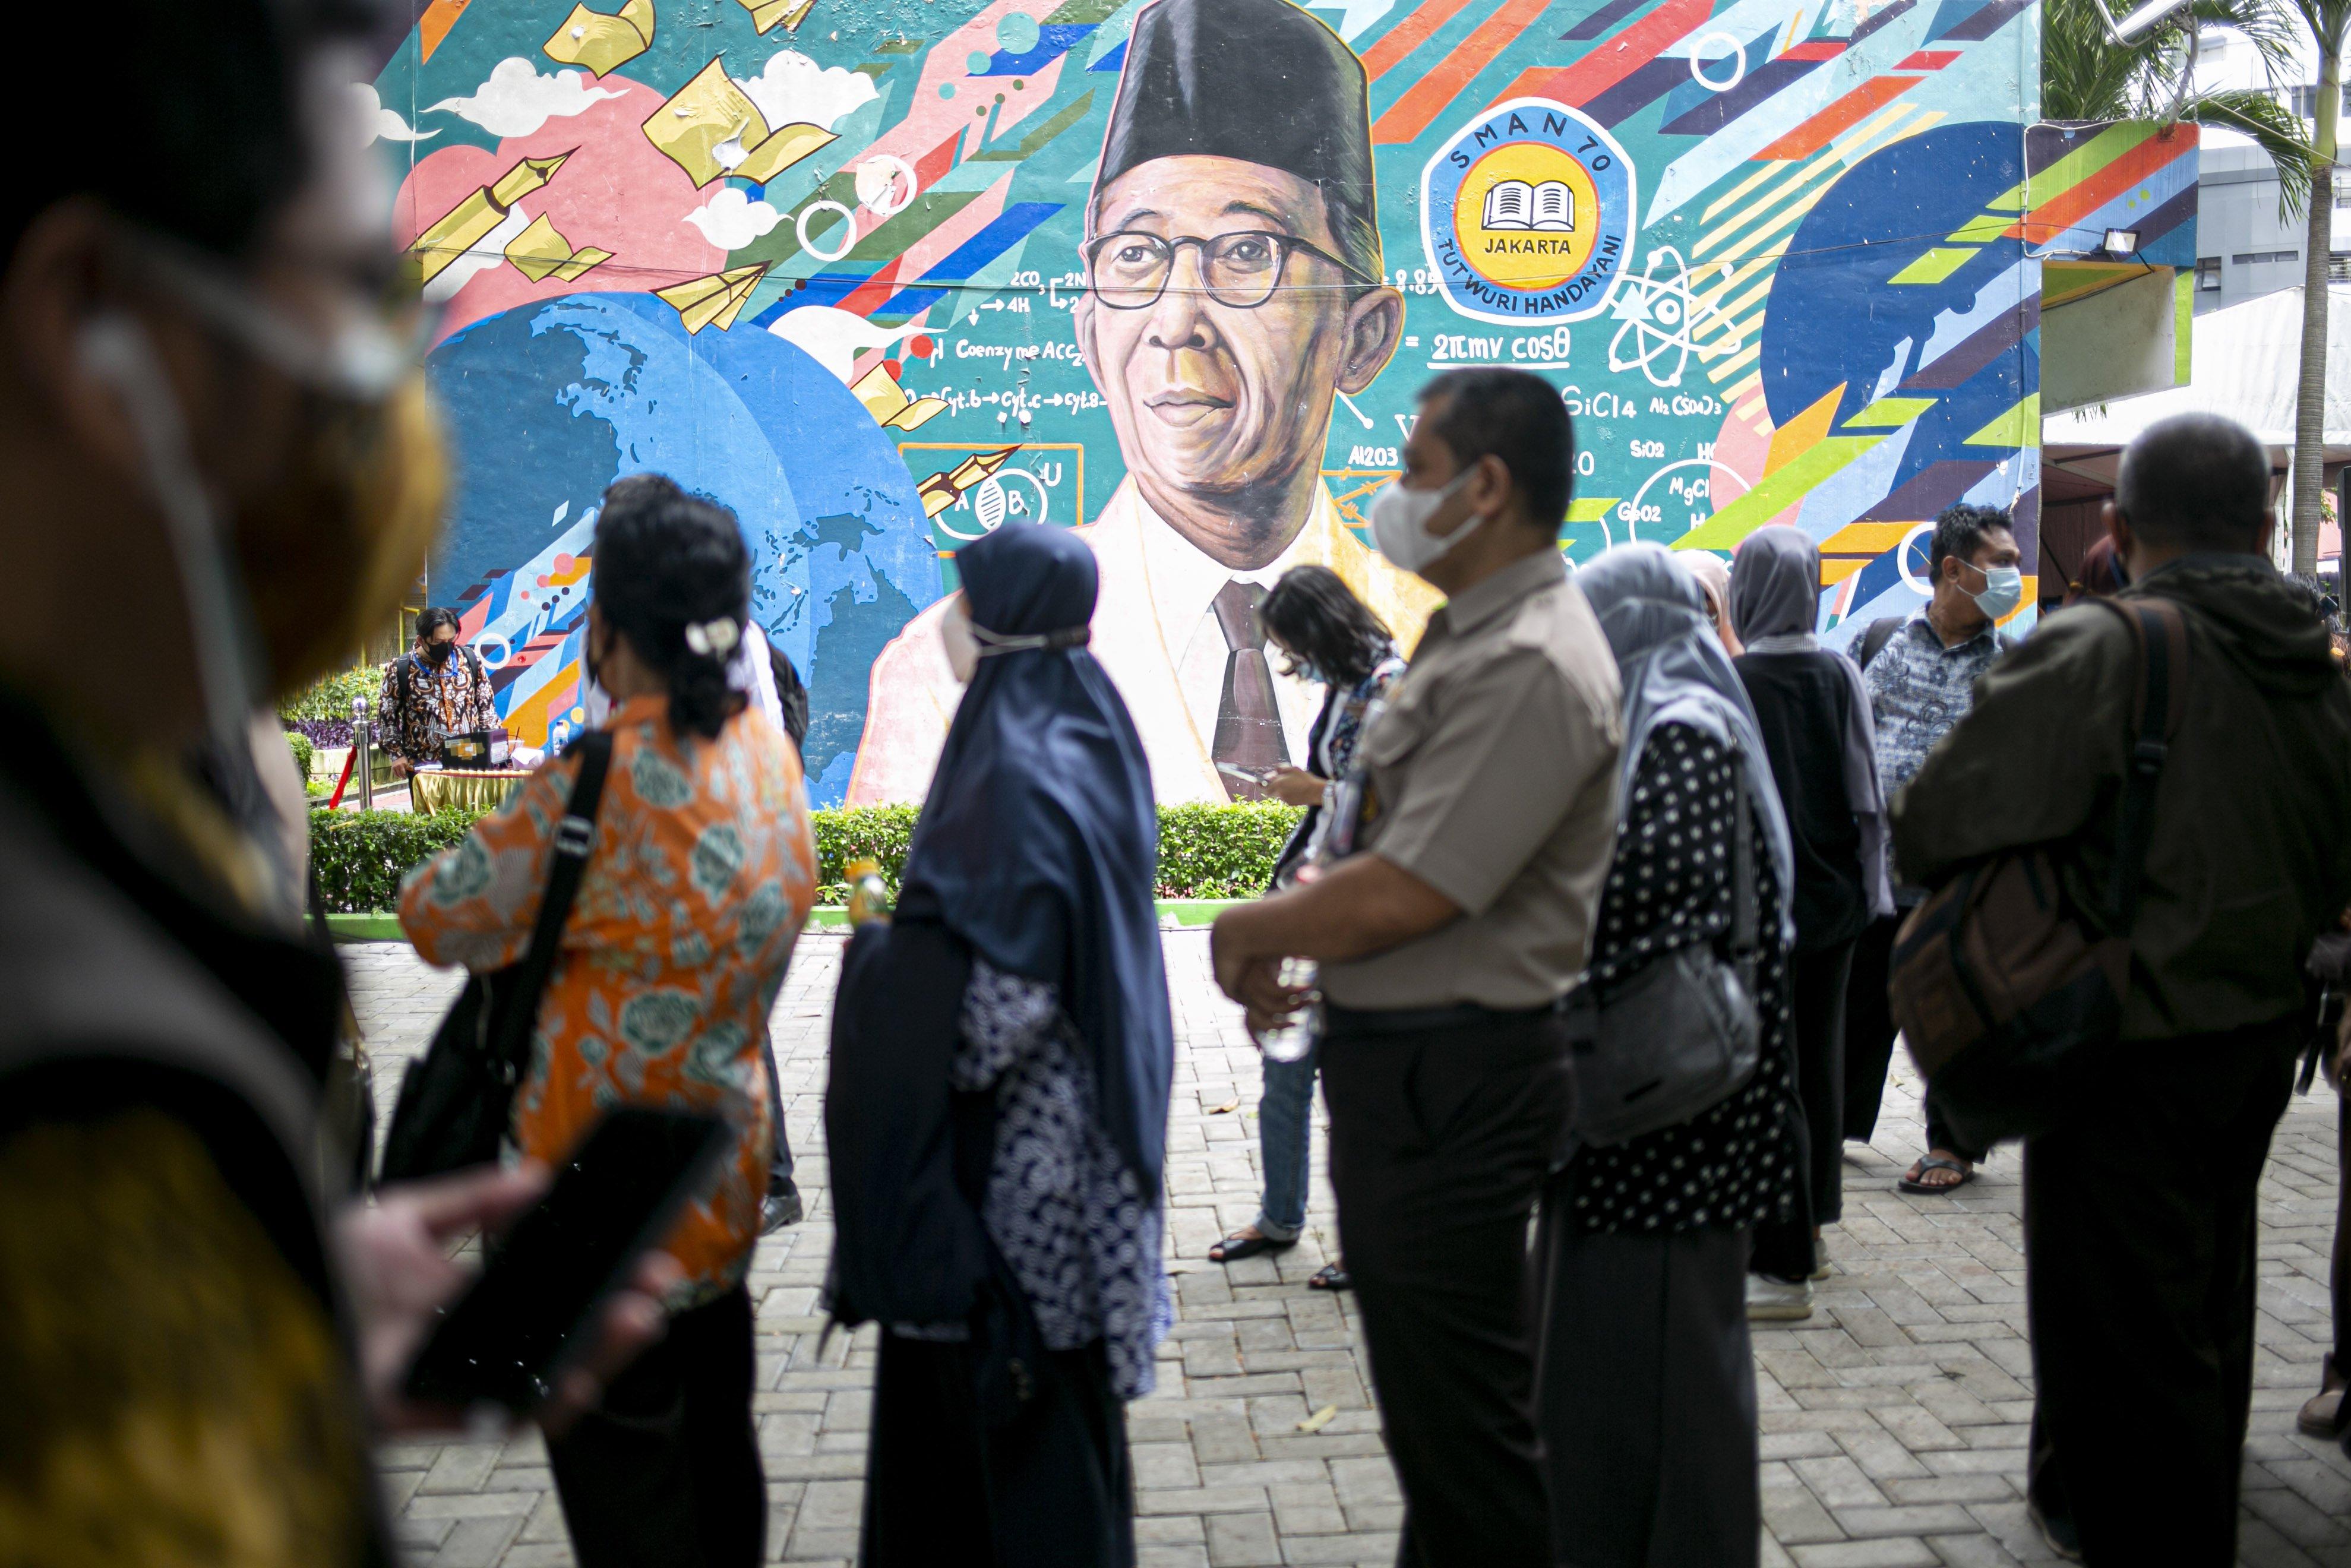 Sejumlah tenaga pendidikan mengantre mendaftar vaksinasi COVID-19 di SMA Negeri 70 Jakarta, Jakarta, Rabu (24/2/2021). Pemerintah memulai tahap vaksinasi untuk guru, tenaga kependidikan, dan dosen dengan target sebanyak 5.057.582 orang se-Indonesia.